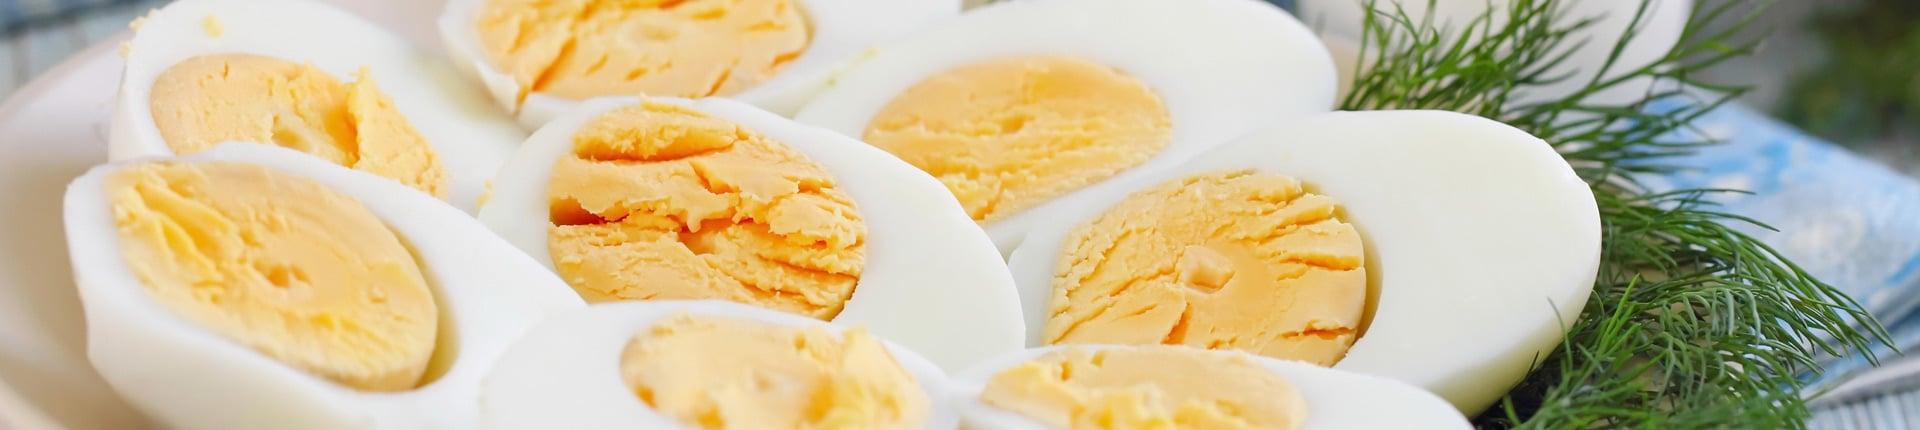 Dlaczego nie powinieneś wyrzucać żółtek jaj?